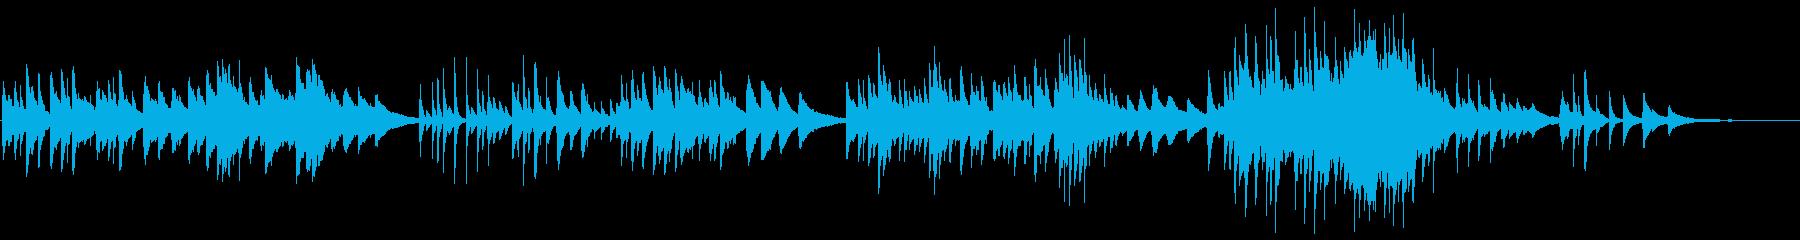 癒されるピアノバラードの再生済みの波形